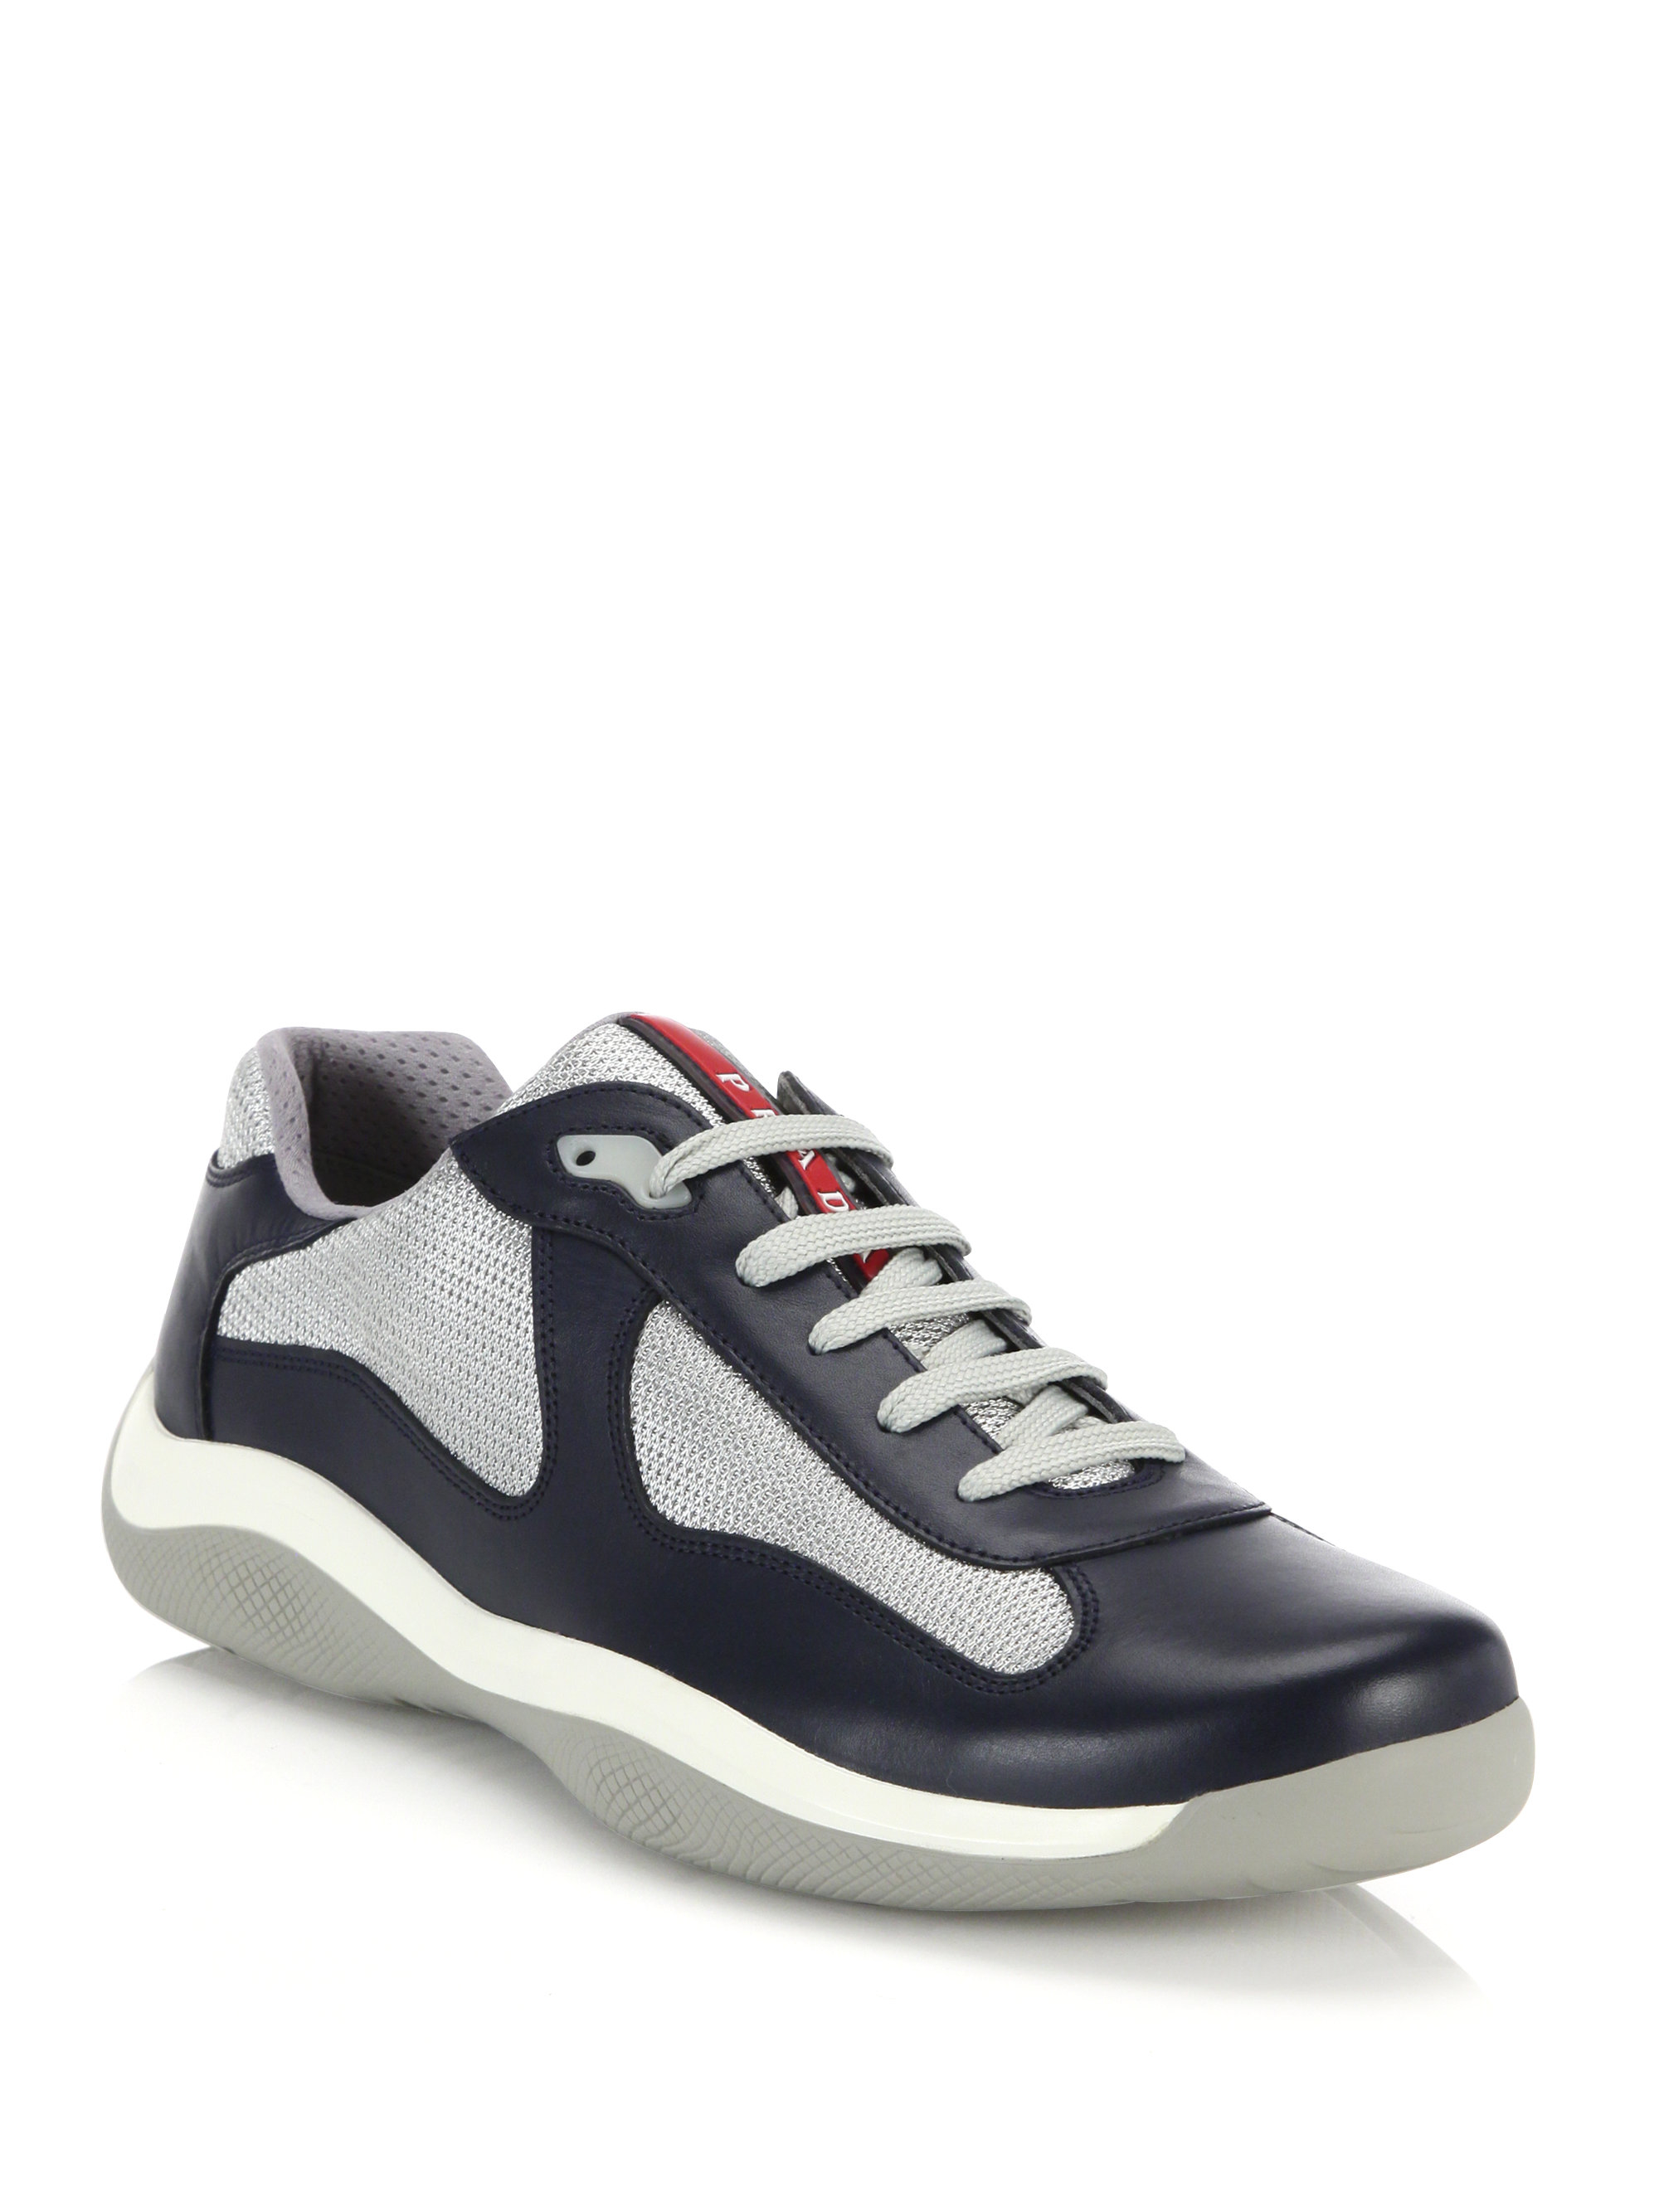 Cheap Prada Tennis Shoes